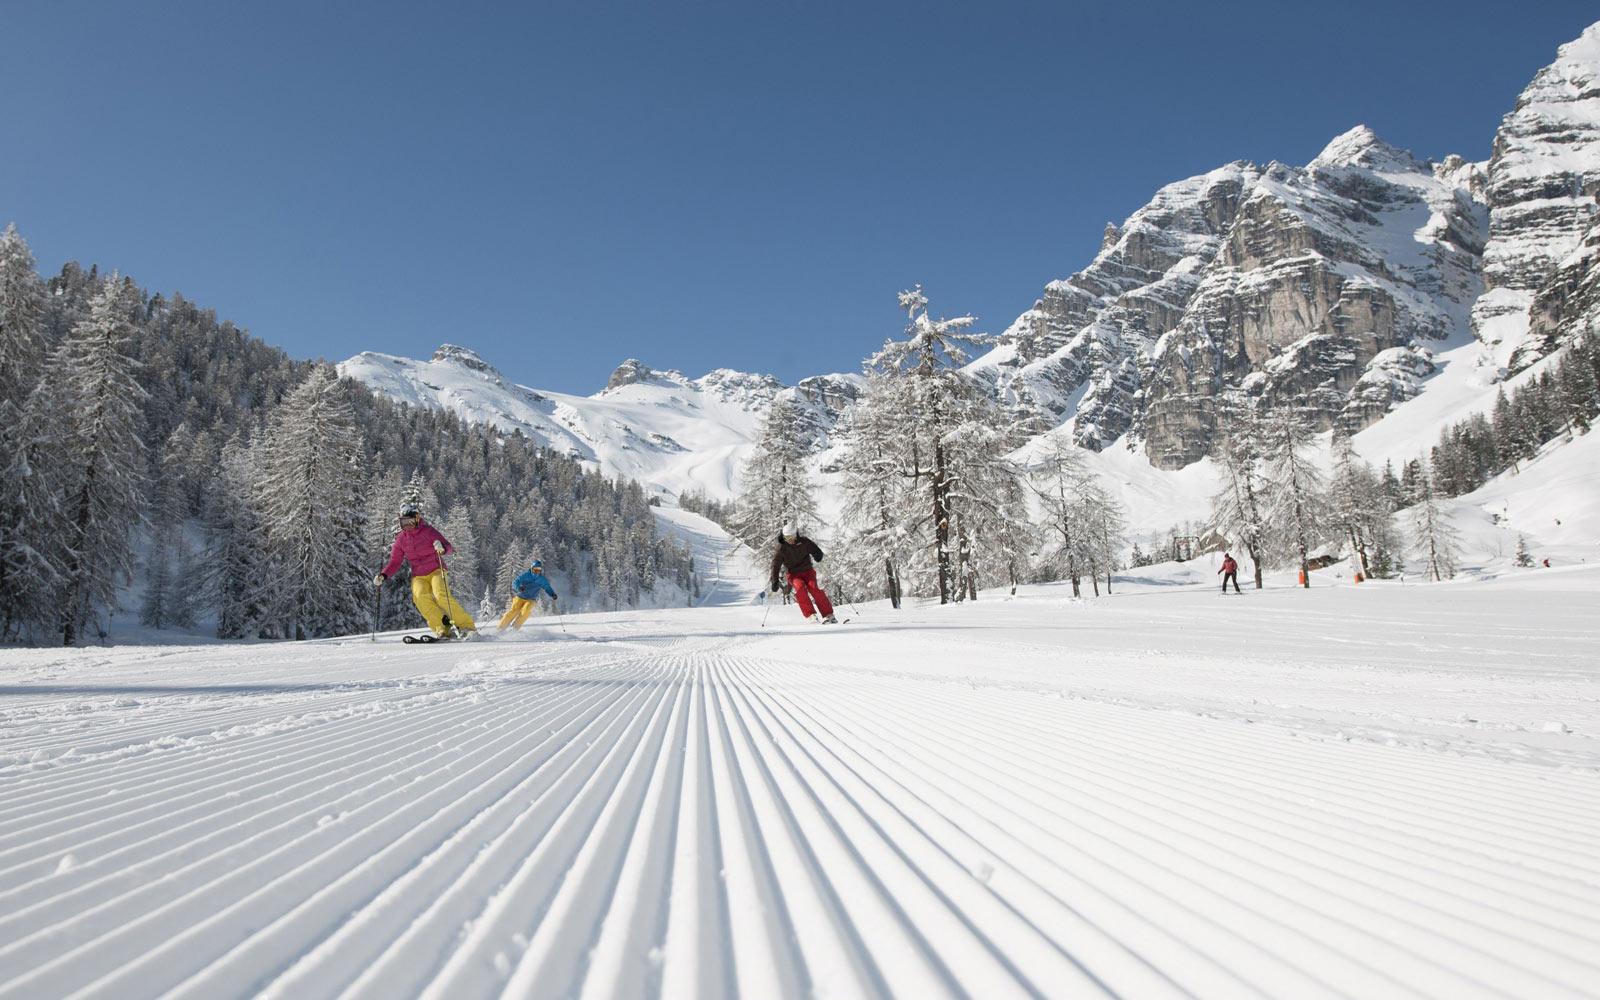 Happy Ski Skifahren Stubai Hotel Neustift Tirol Stubaier Gletscher Österreich Hostel Pauschalen Angebote Last MinuteHappy Action Stubai Hotel Neustift Tirol Stubaier Gletscher Österreich Hostel Pauschalen Angebote Last Minute